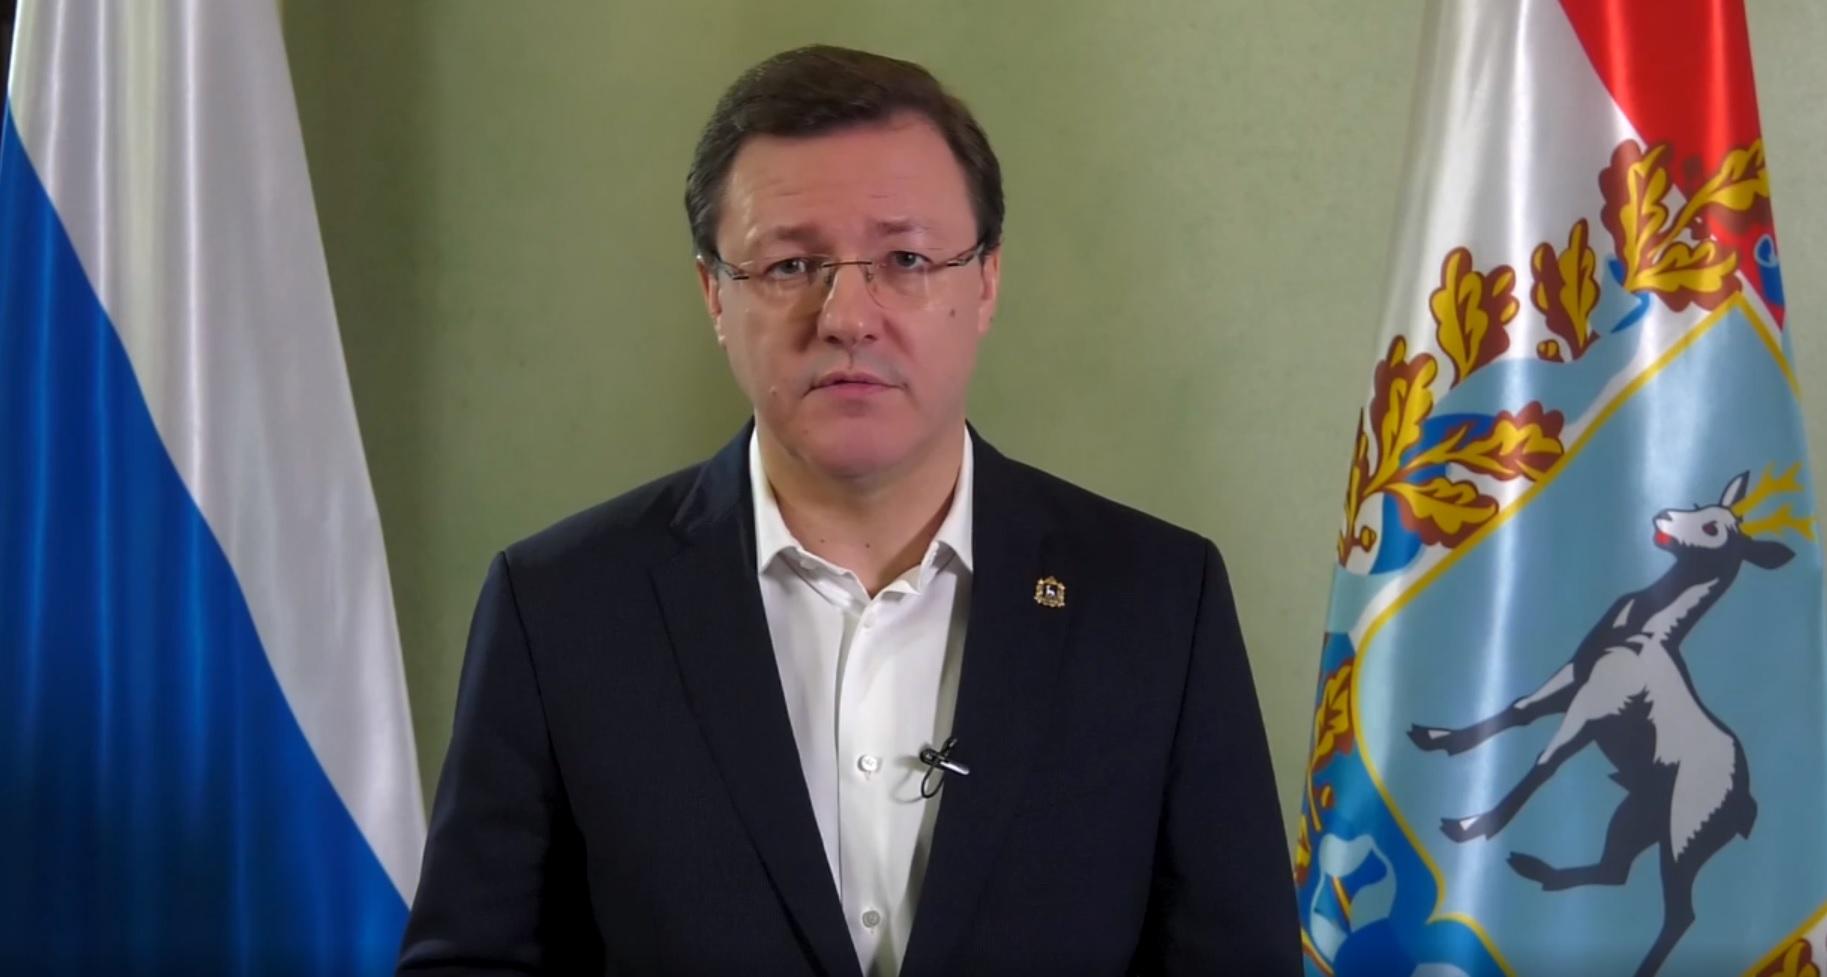 Дмитрий Азаров объявил о новых мерах экономической поддержки жителей Самарской области